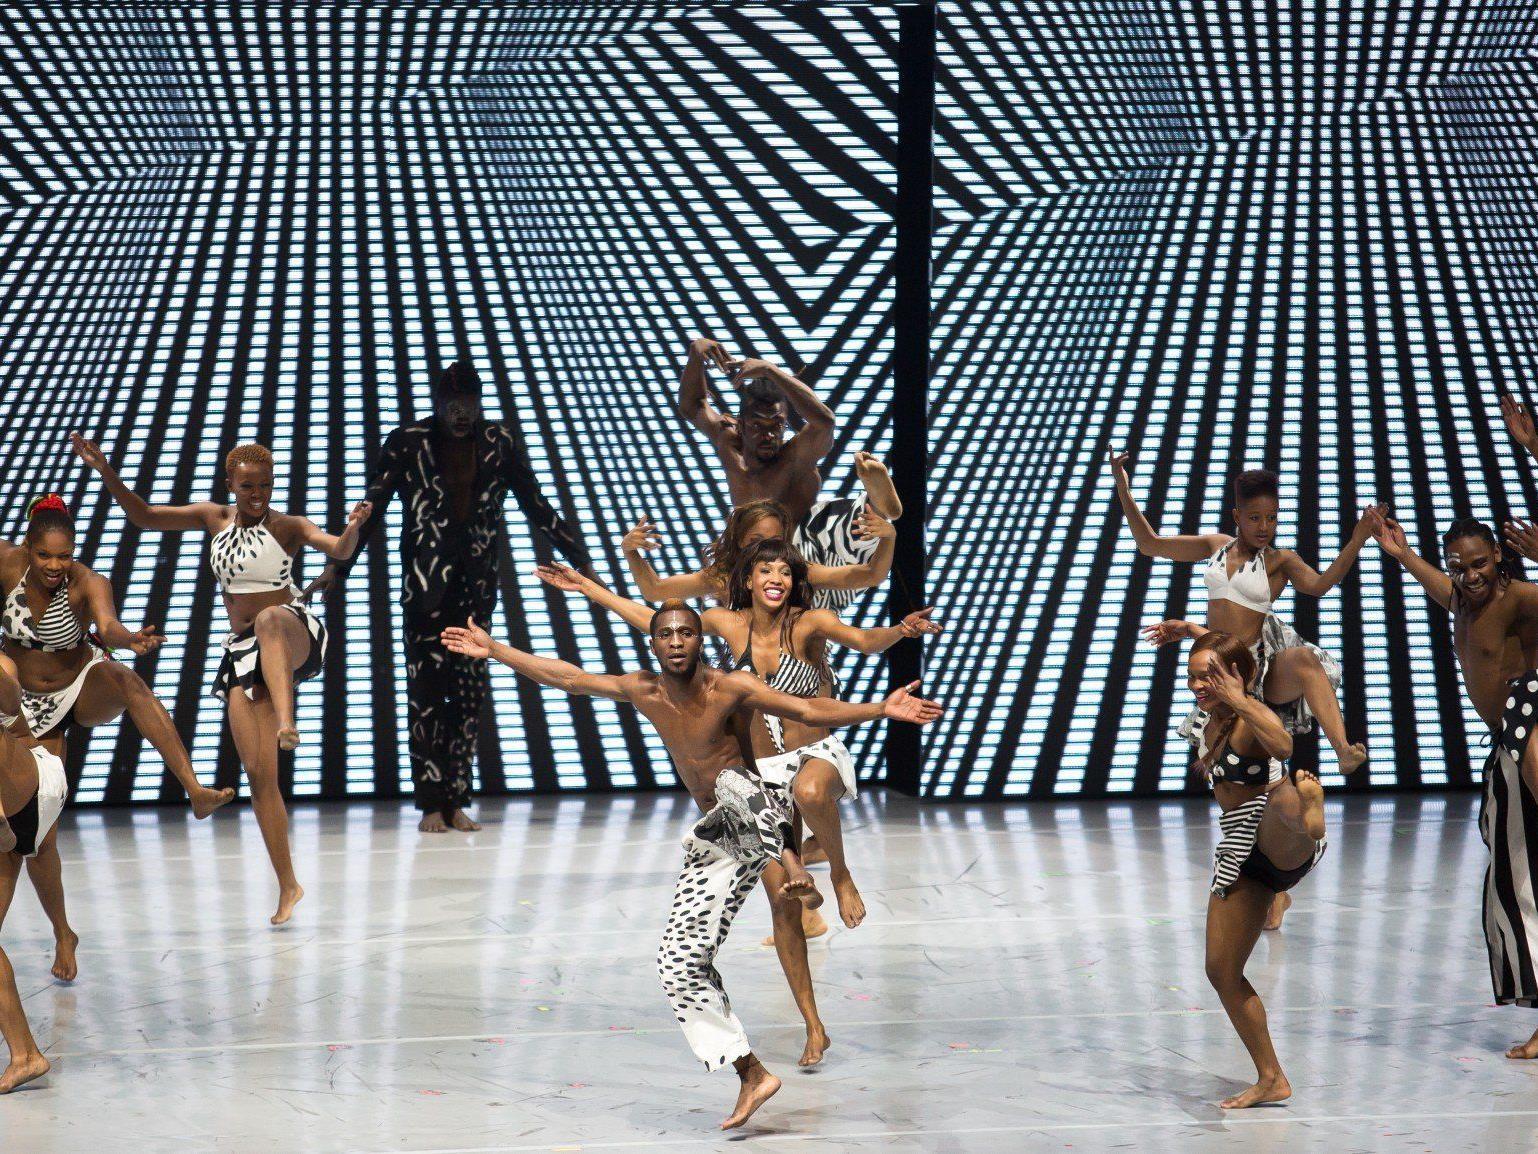 Die Zuschauer waren begeistert von den Leistungen der Tänzer.